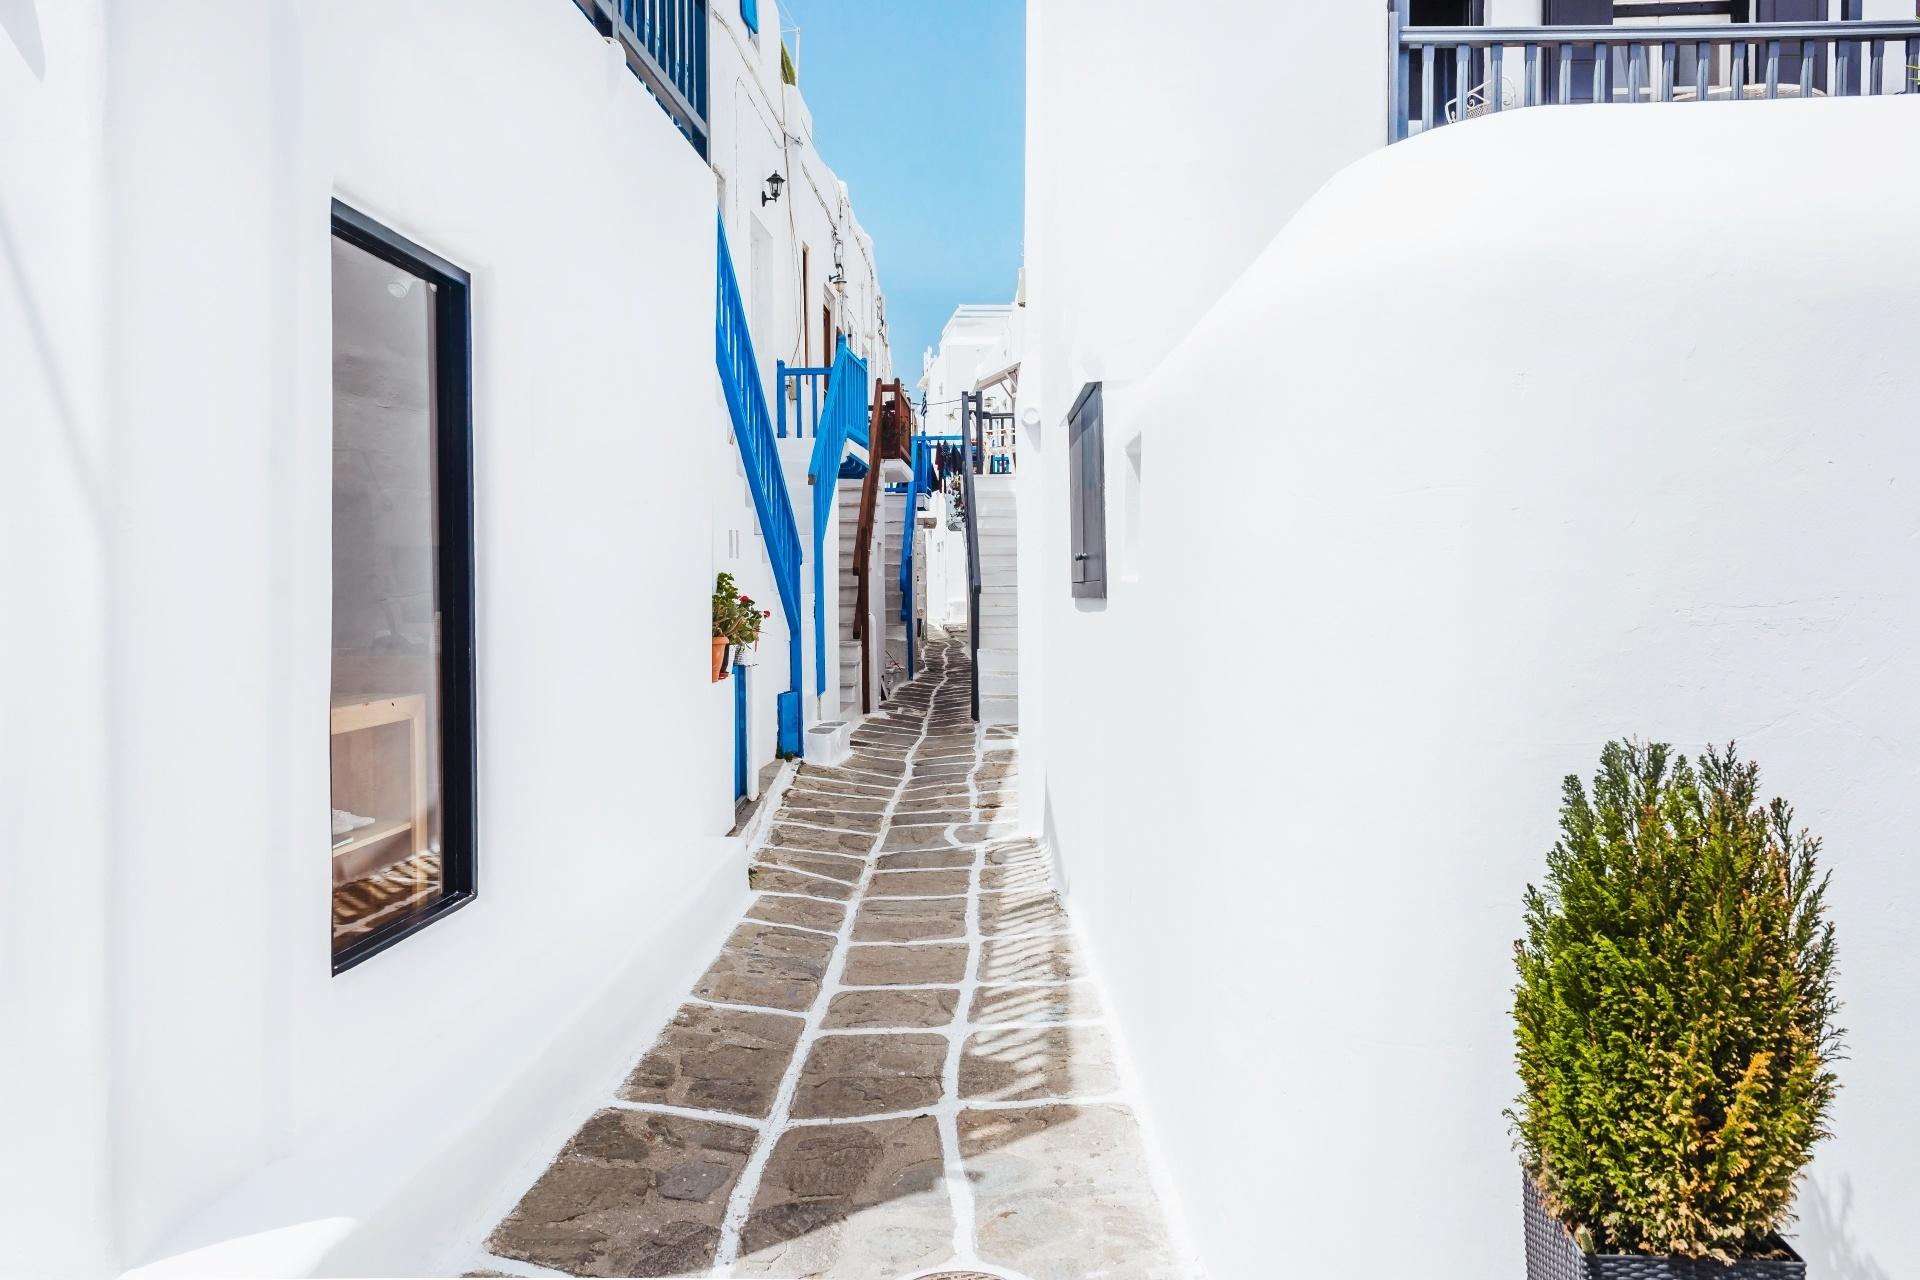 ギリシャ ミコノス島の路地